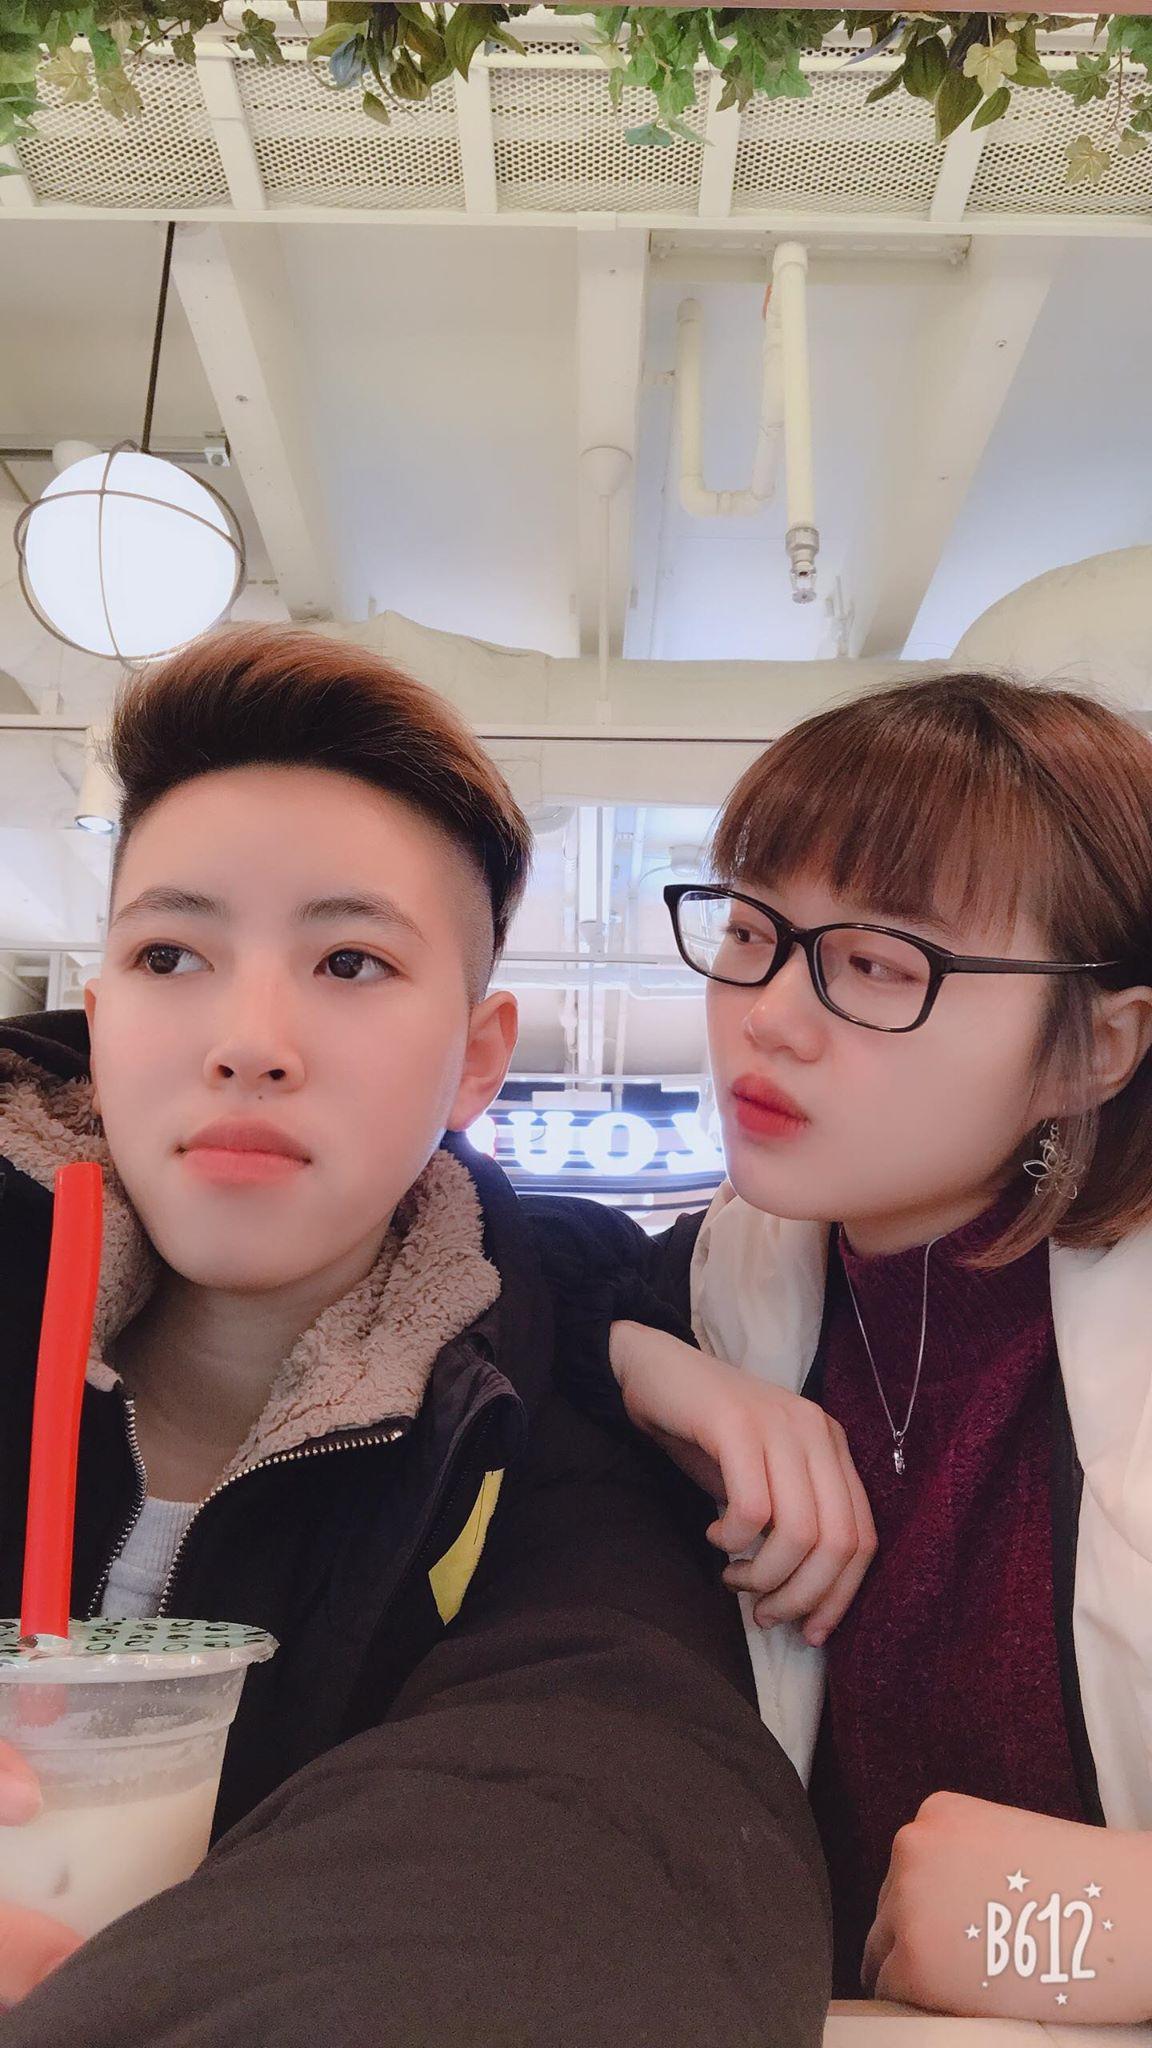 Chuyện tình của cặp đồng tính nữ người Việt tại Nhật: Tình duyên đã đưa chúng tôi đến với nhau ở đất khách - Ảnh 4.